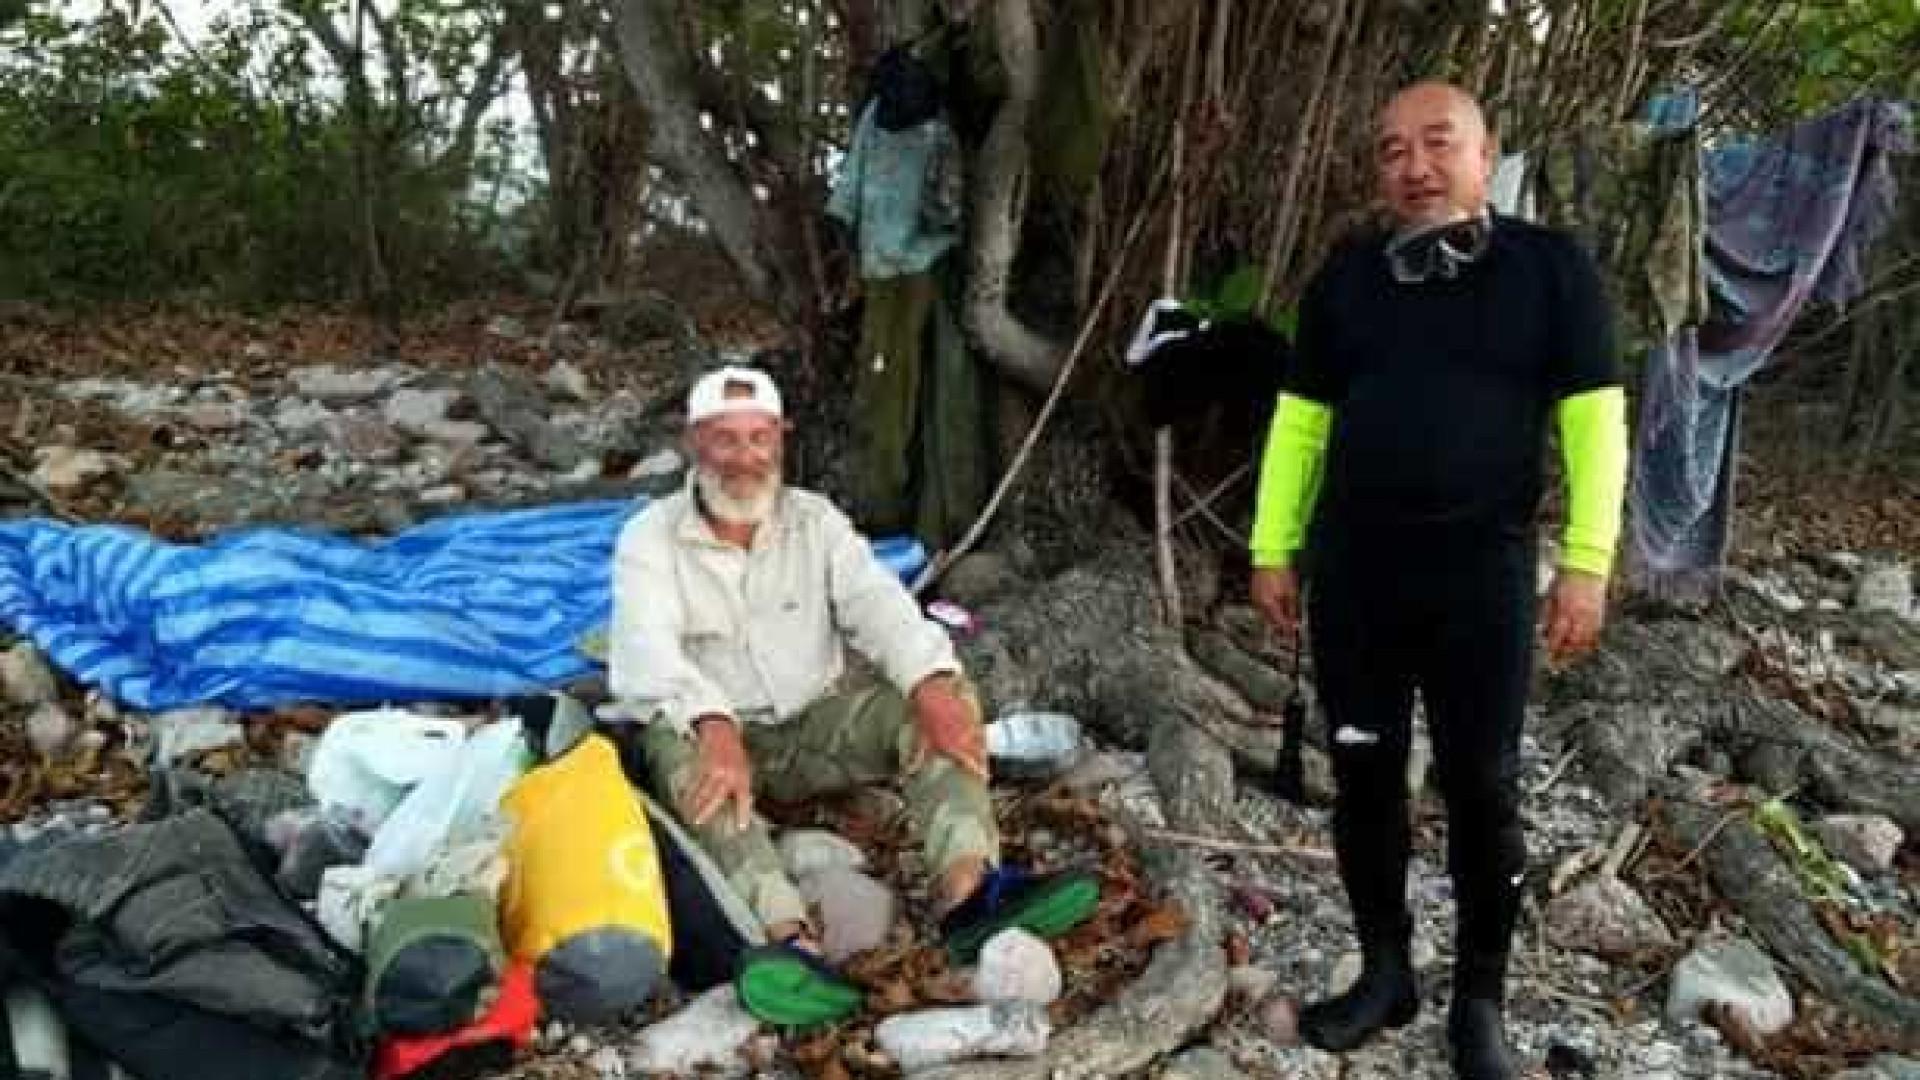 Homem dado como desaparecido encontrado em ilha deserta